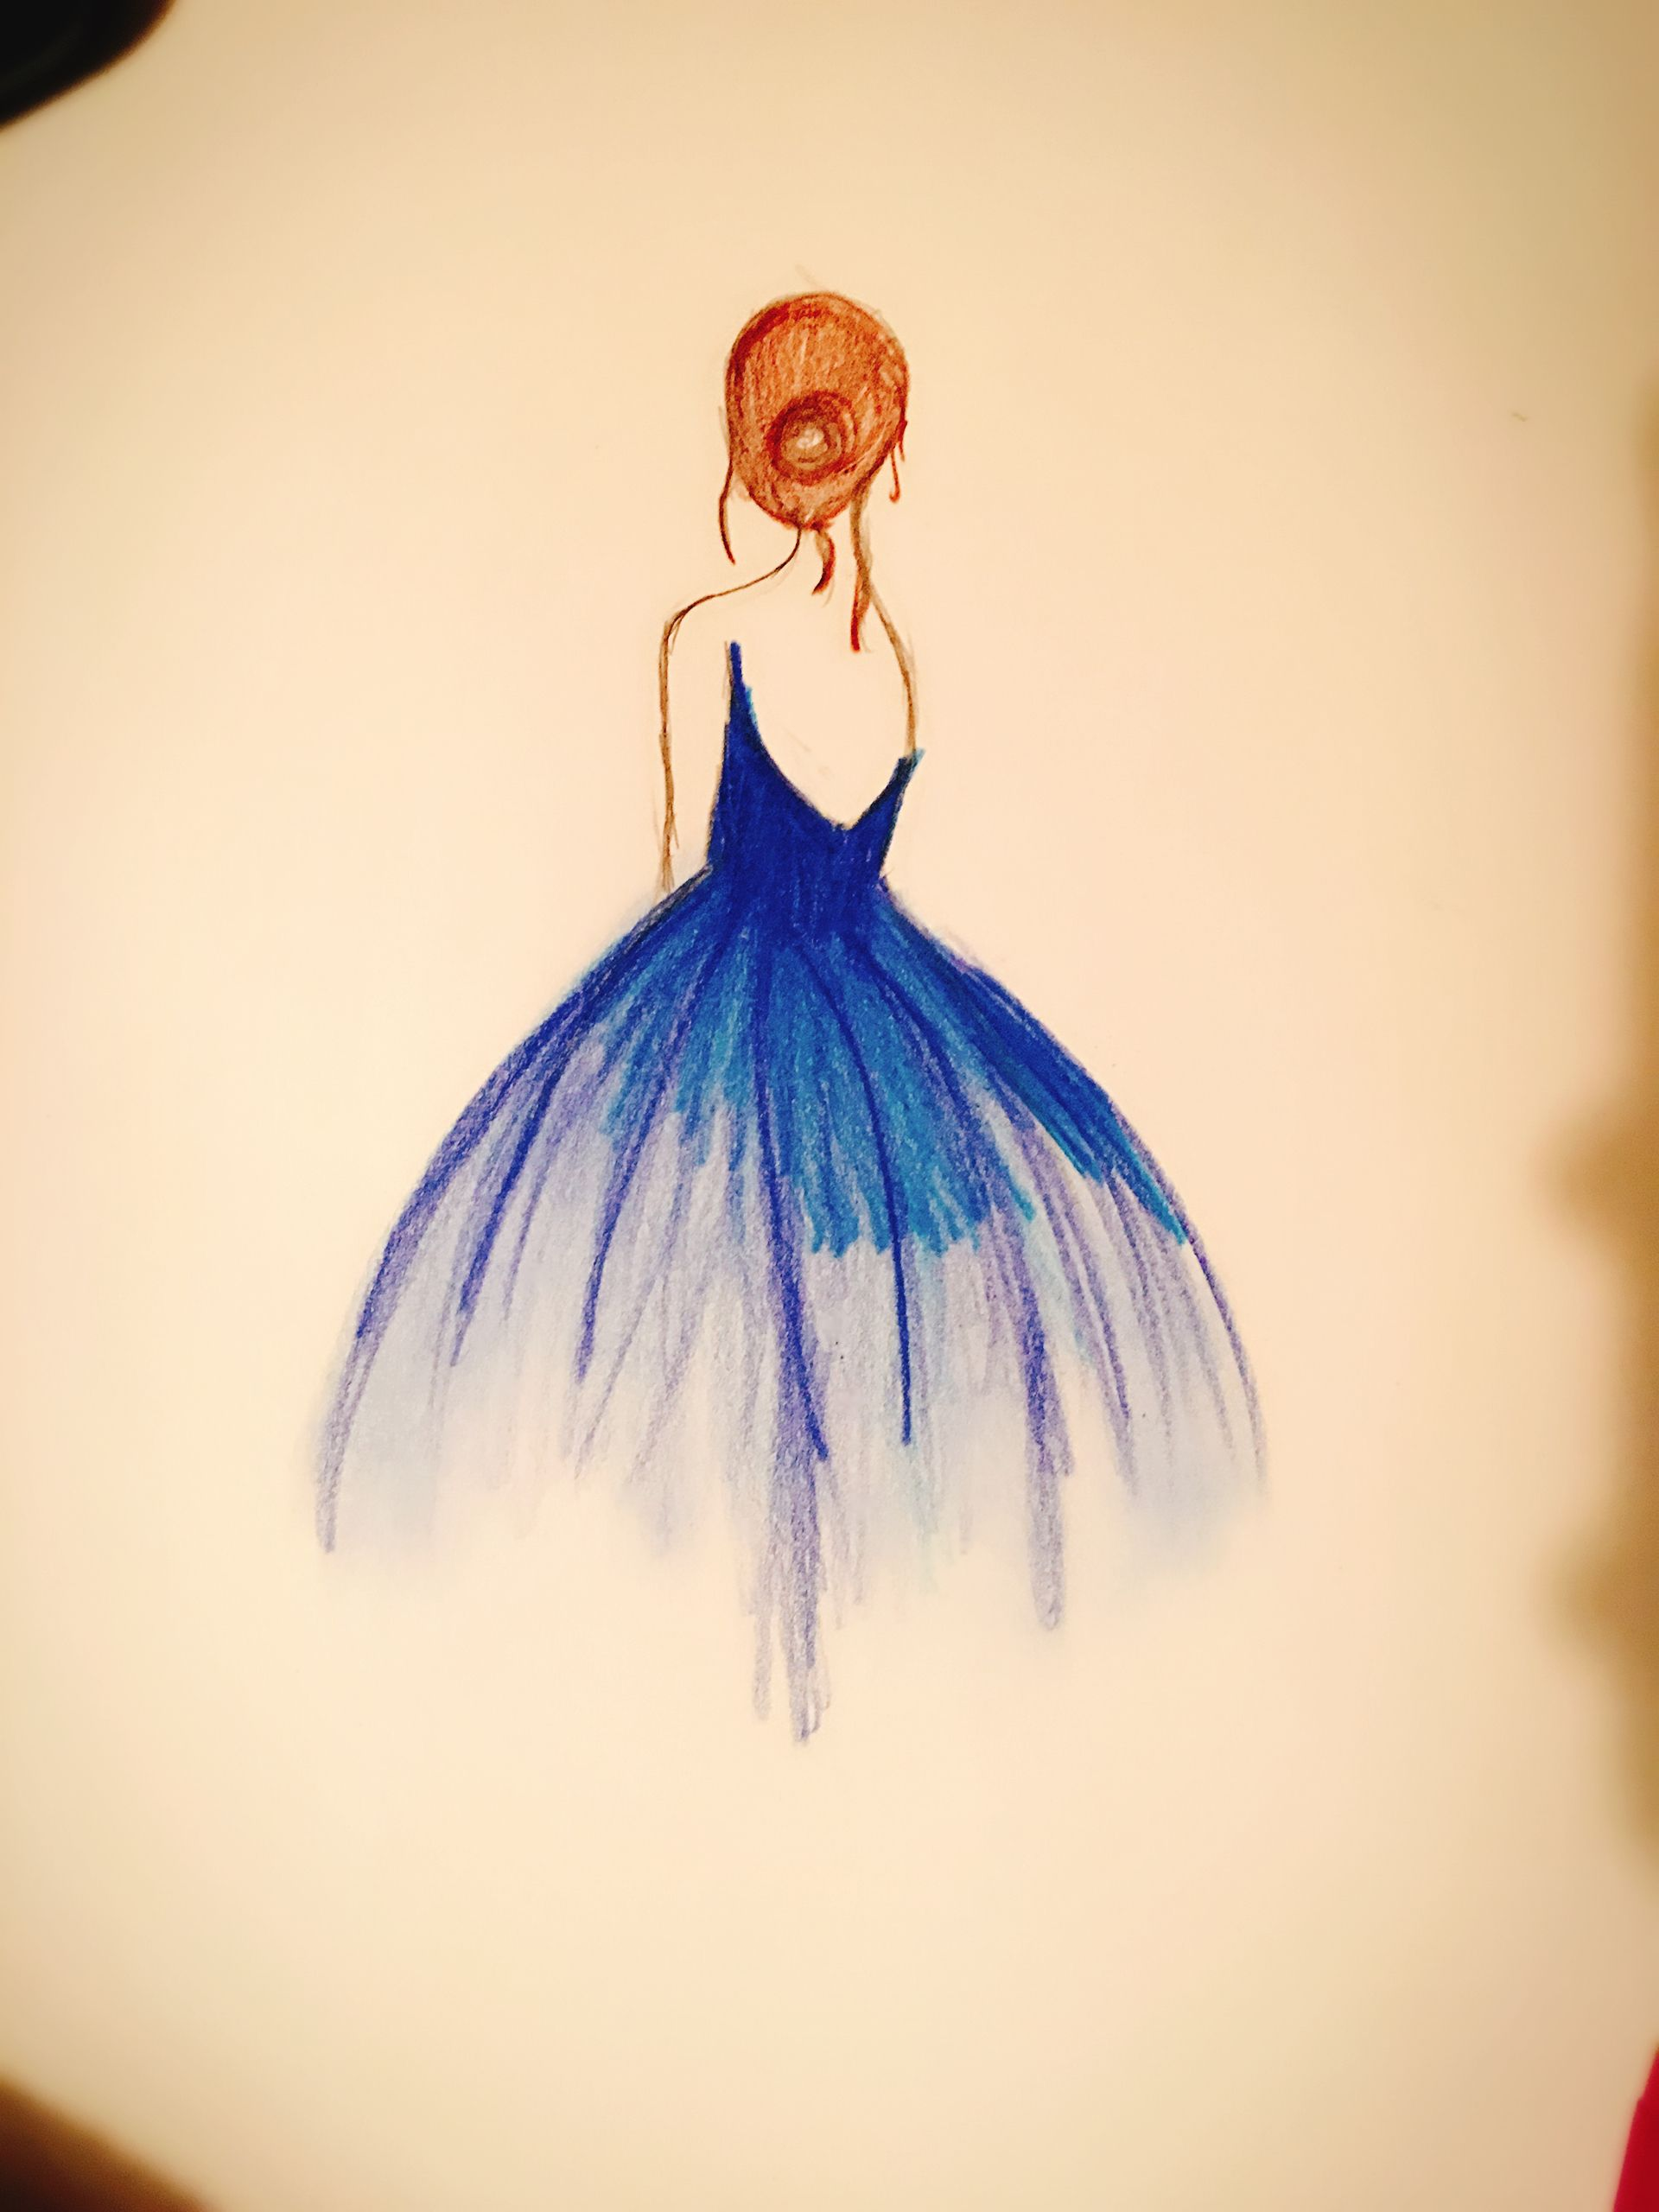 Pin by Amna Rizwa on arts   Pinterest   Dance moms girls, People ...